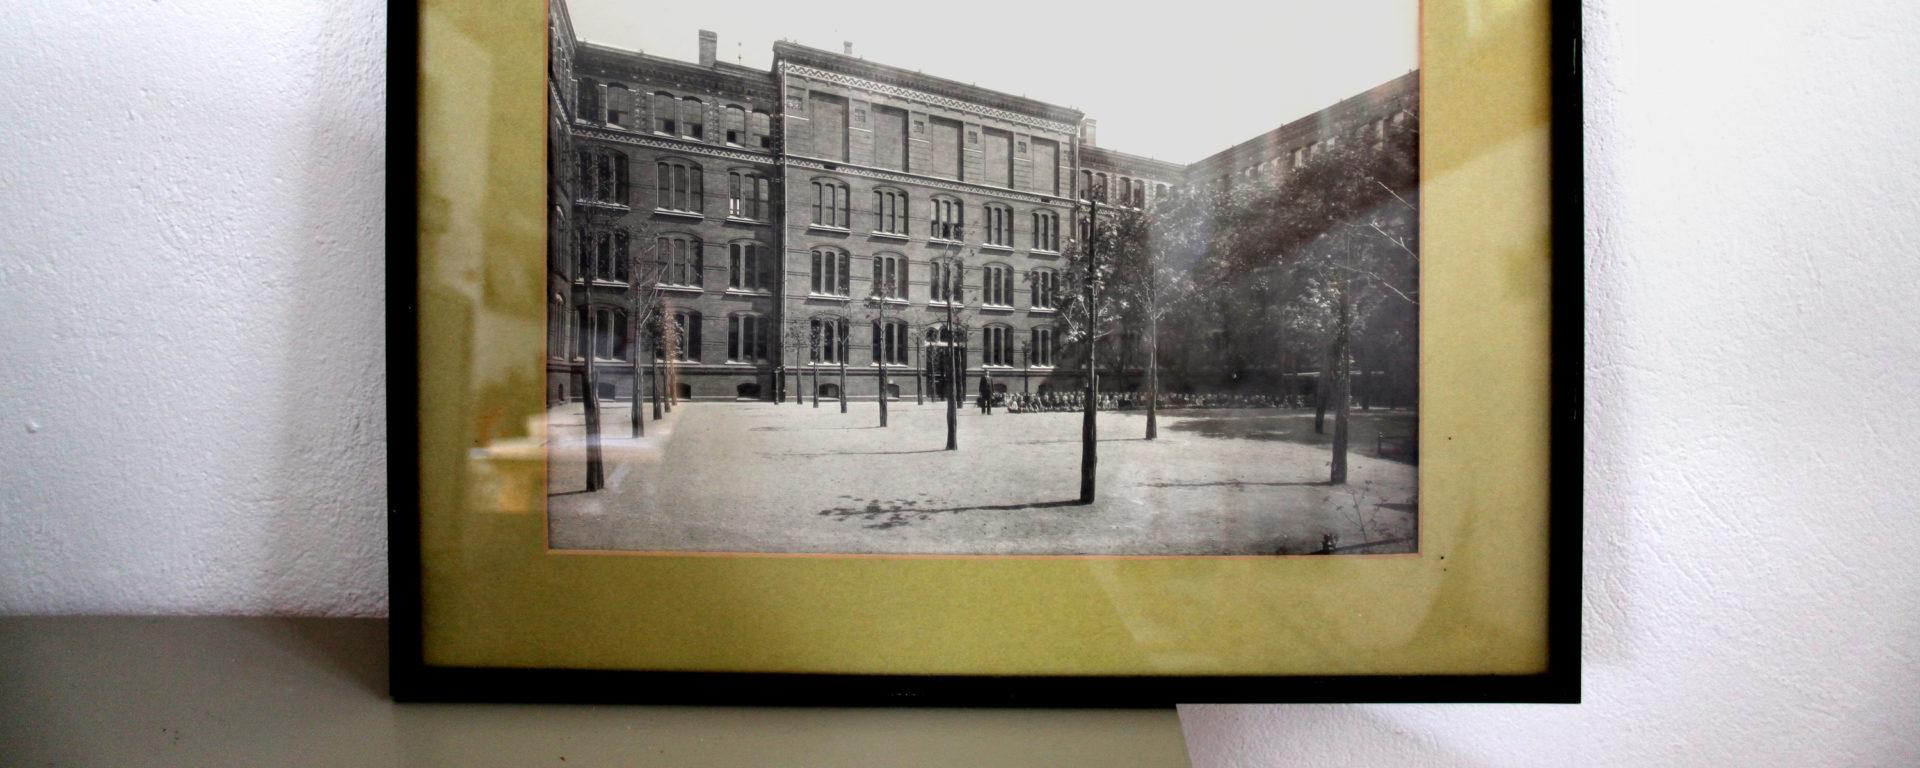 Historisches Foto eines Gebäudes der Nürtingen-Grundschule in einem Bilderrahmen